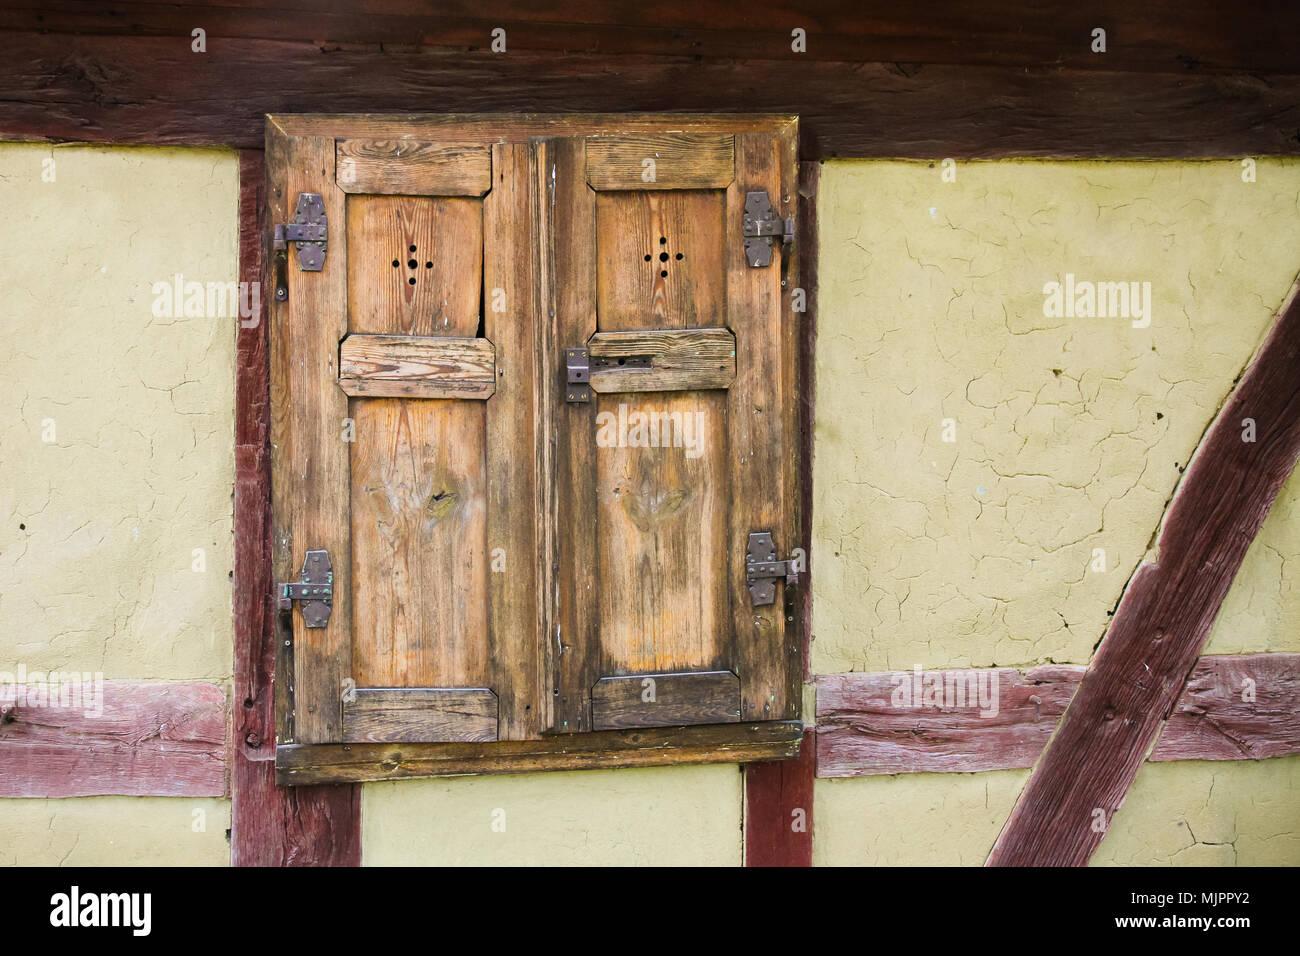 Groß Framing Ein Fenster In Einer Wand Fotos - Benutzerdefinierte ...